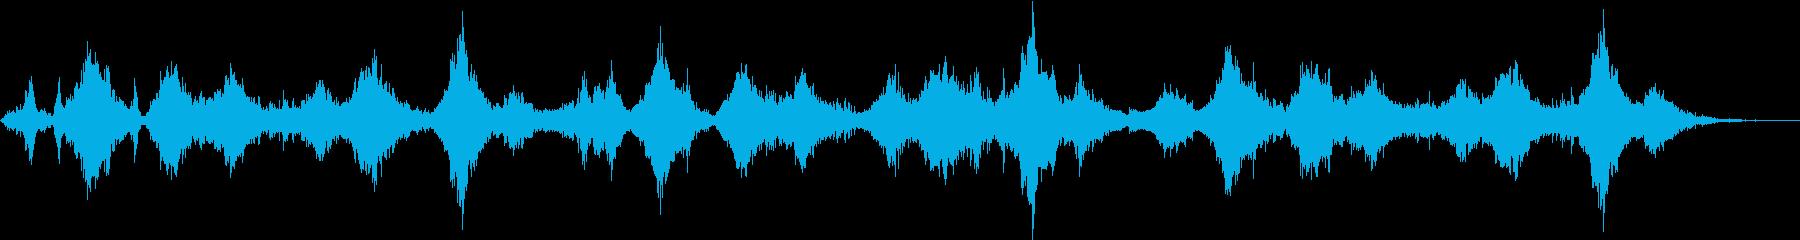 疑似海中遊泳を体験させる幻想的サウンドの再生済みの波形